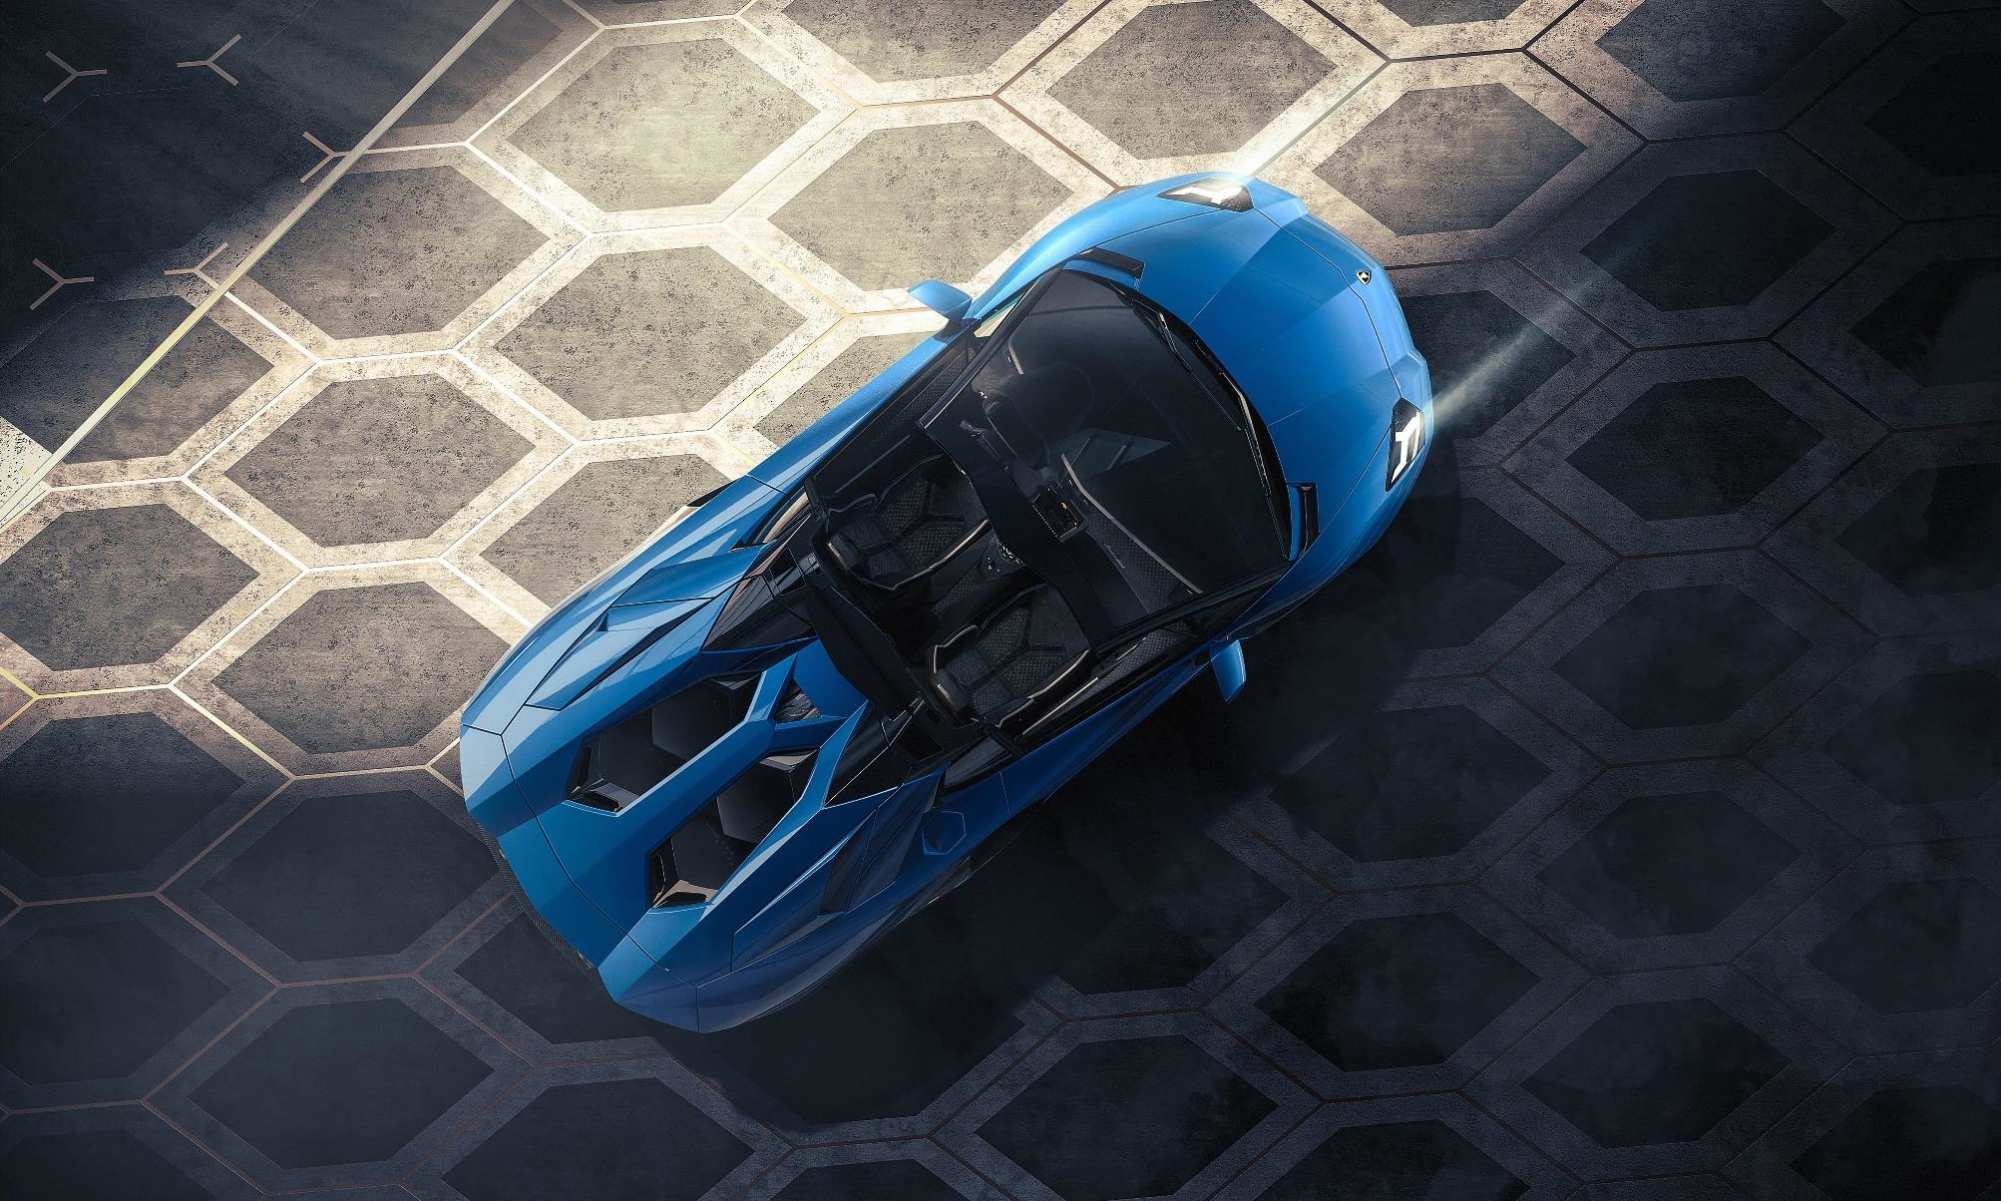 Lamborghini Aventador LP780-4 Ultimae roadster